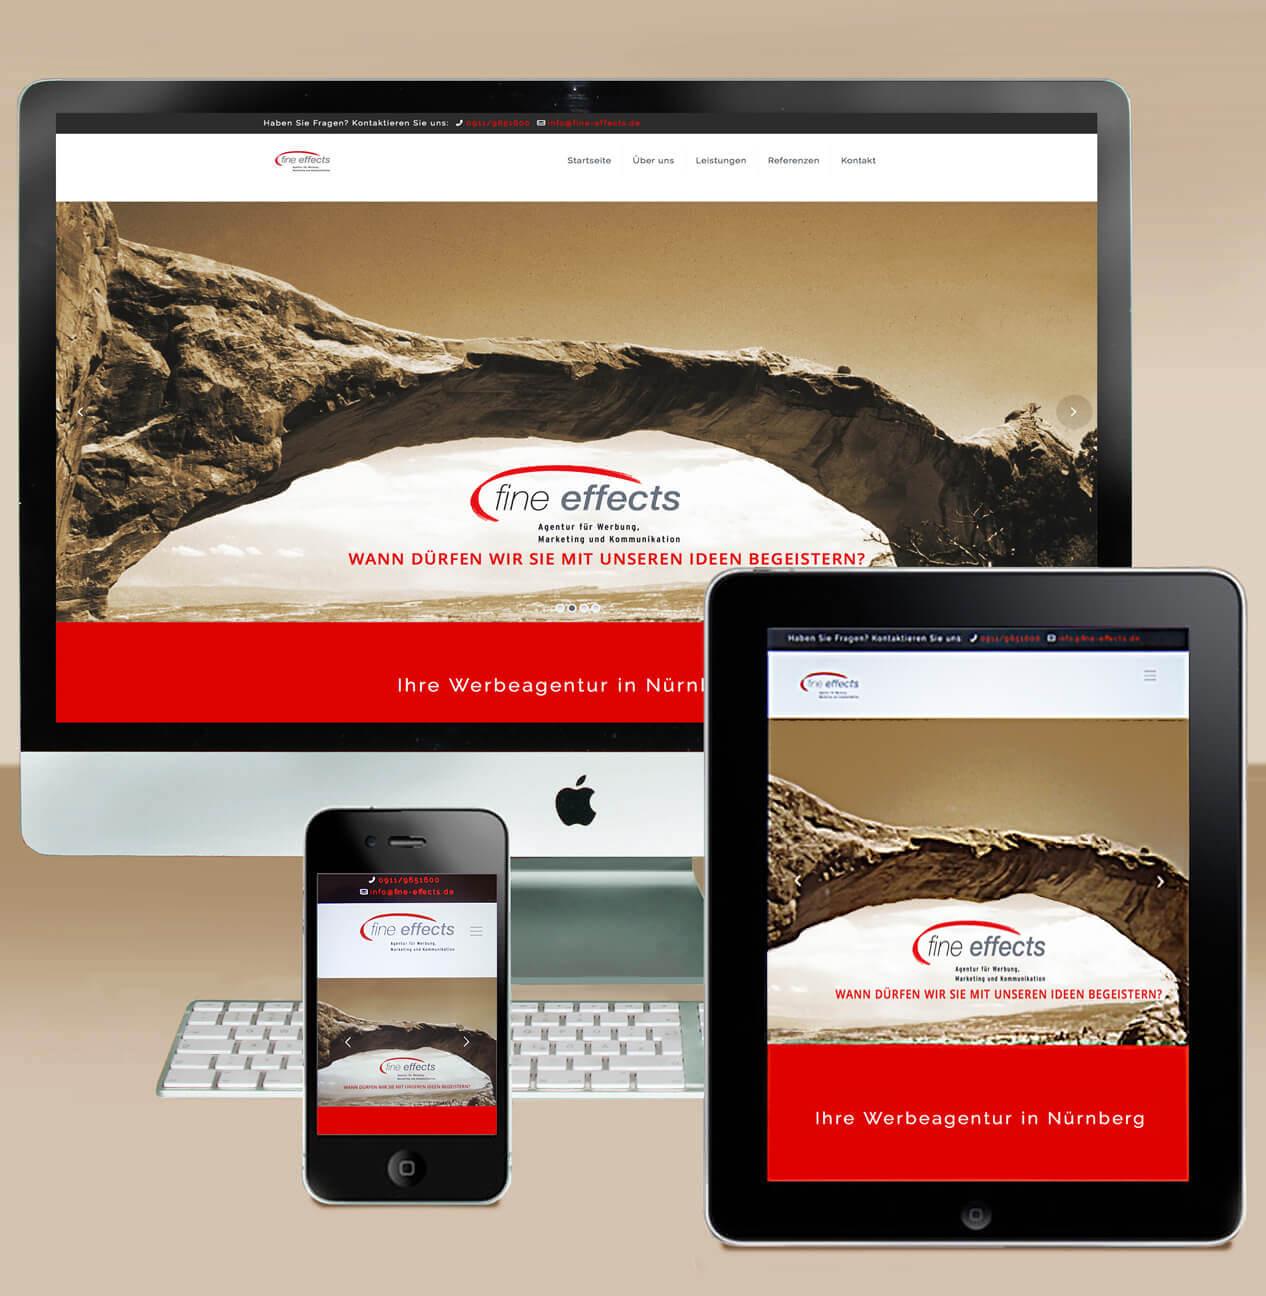 Internet/Webdesign - Responsives Webdesign farbig veranschaulicht am Beispiel fine effects bei Smartphone, Tablet, Rechner